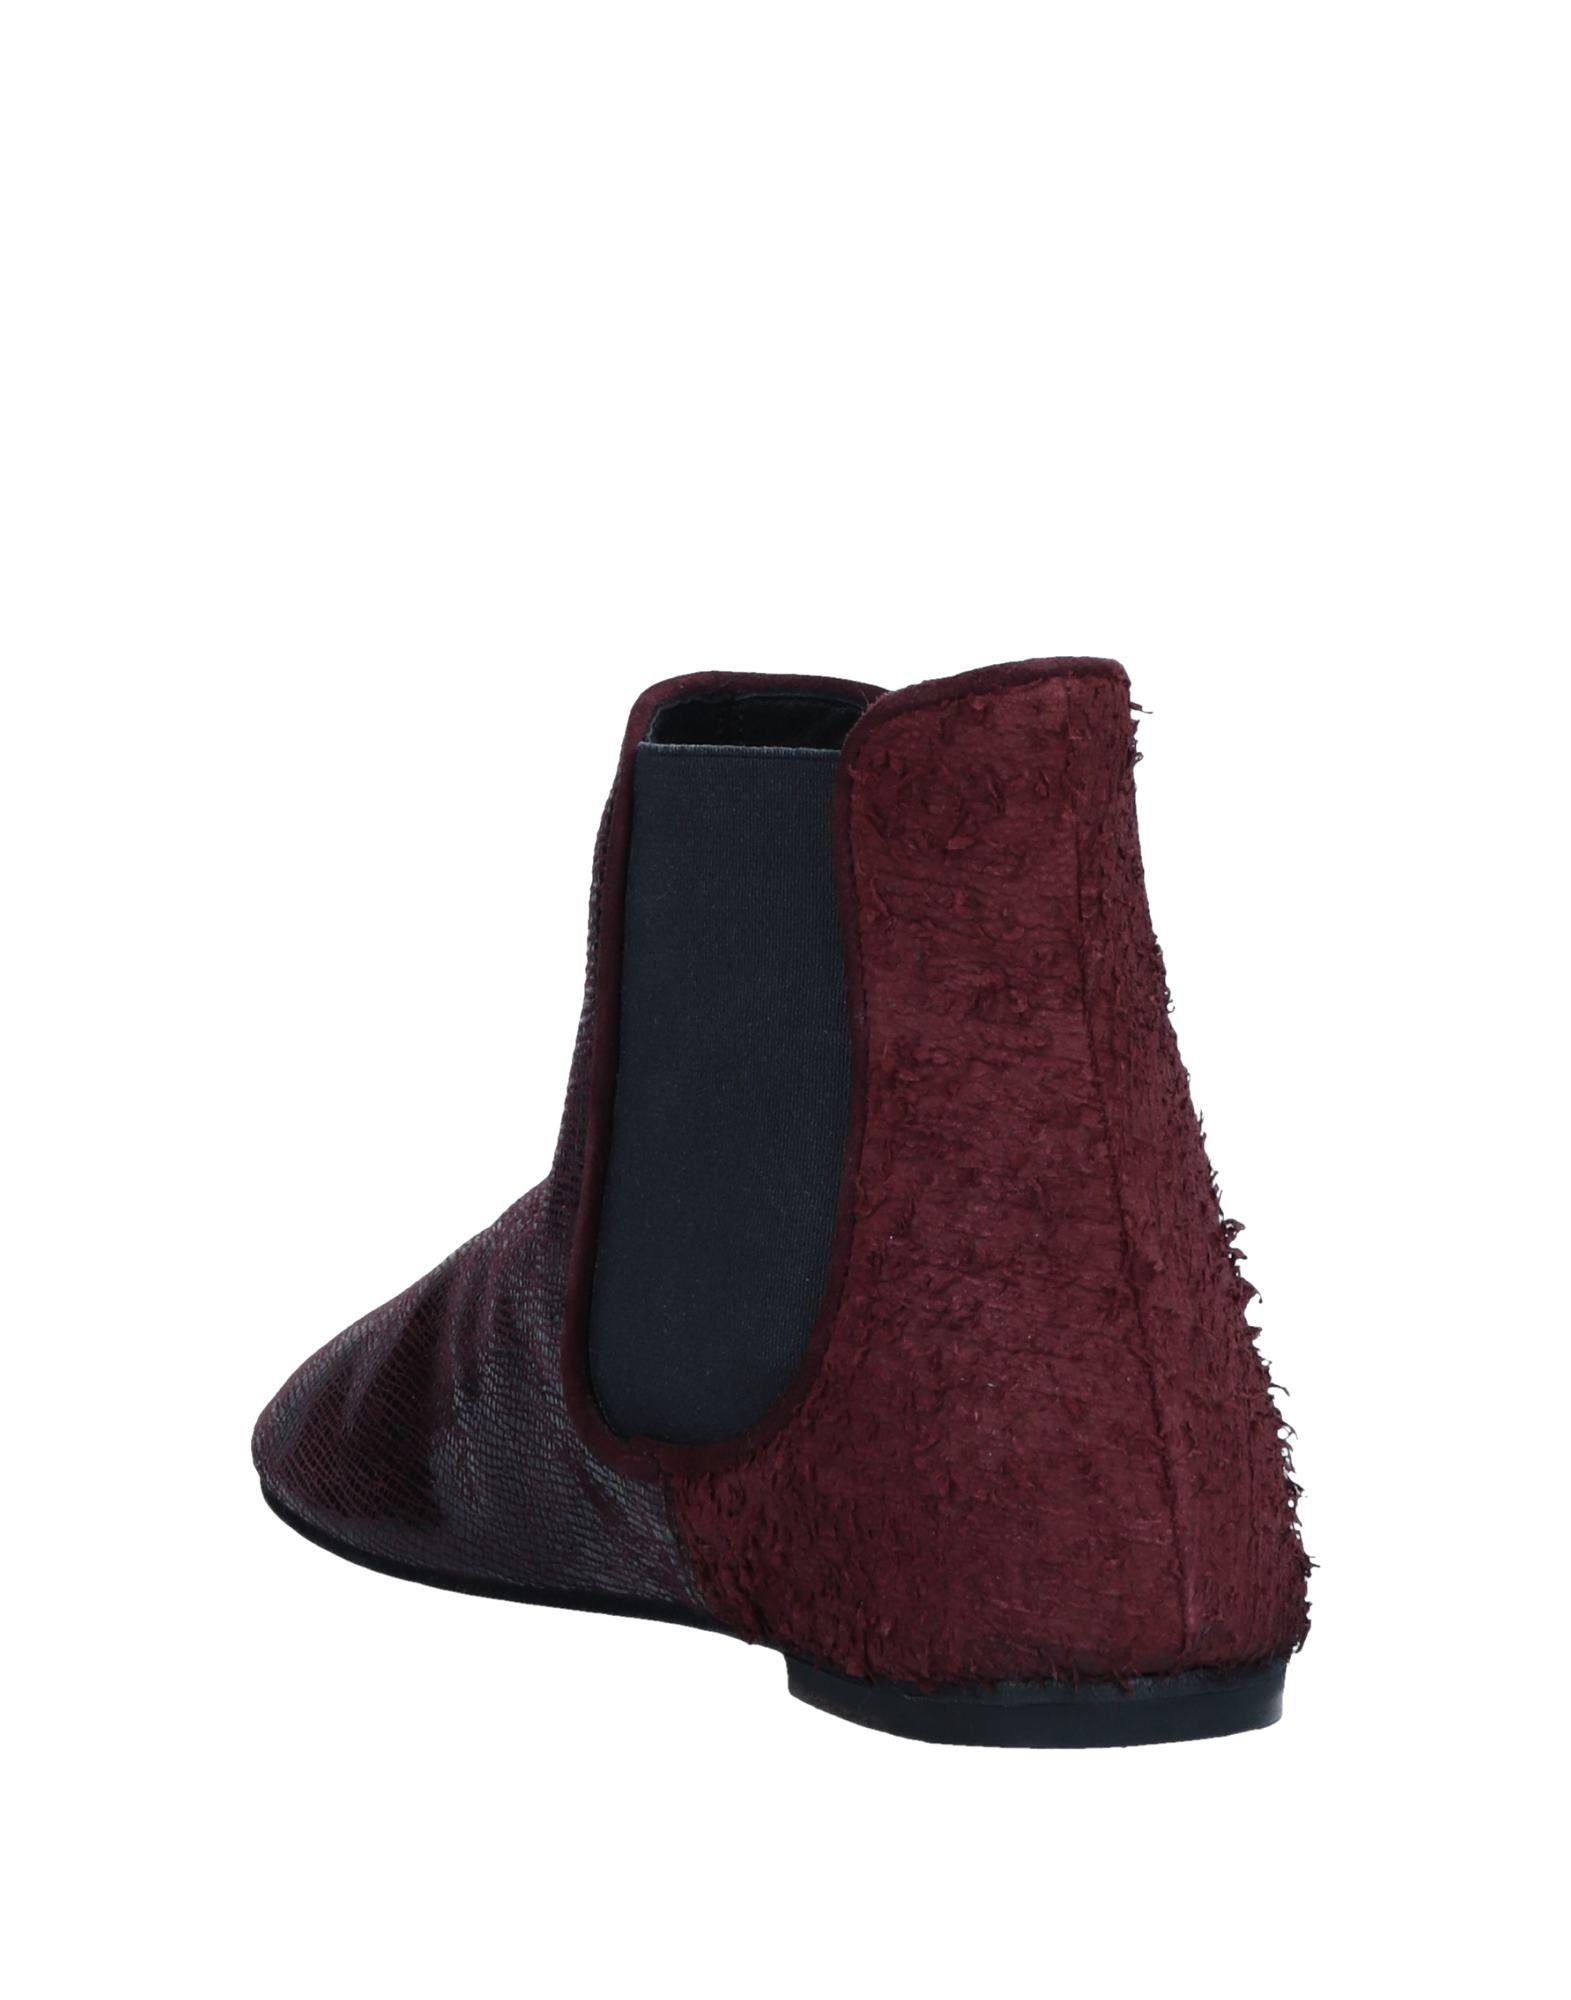 Gut um Stiefelette billige Schuhe zu tragenKudetà Stiefelette um Damen  11546530MG 4c74d4